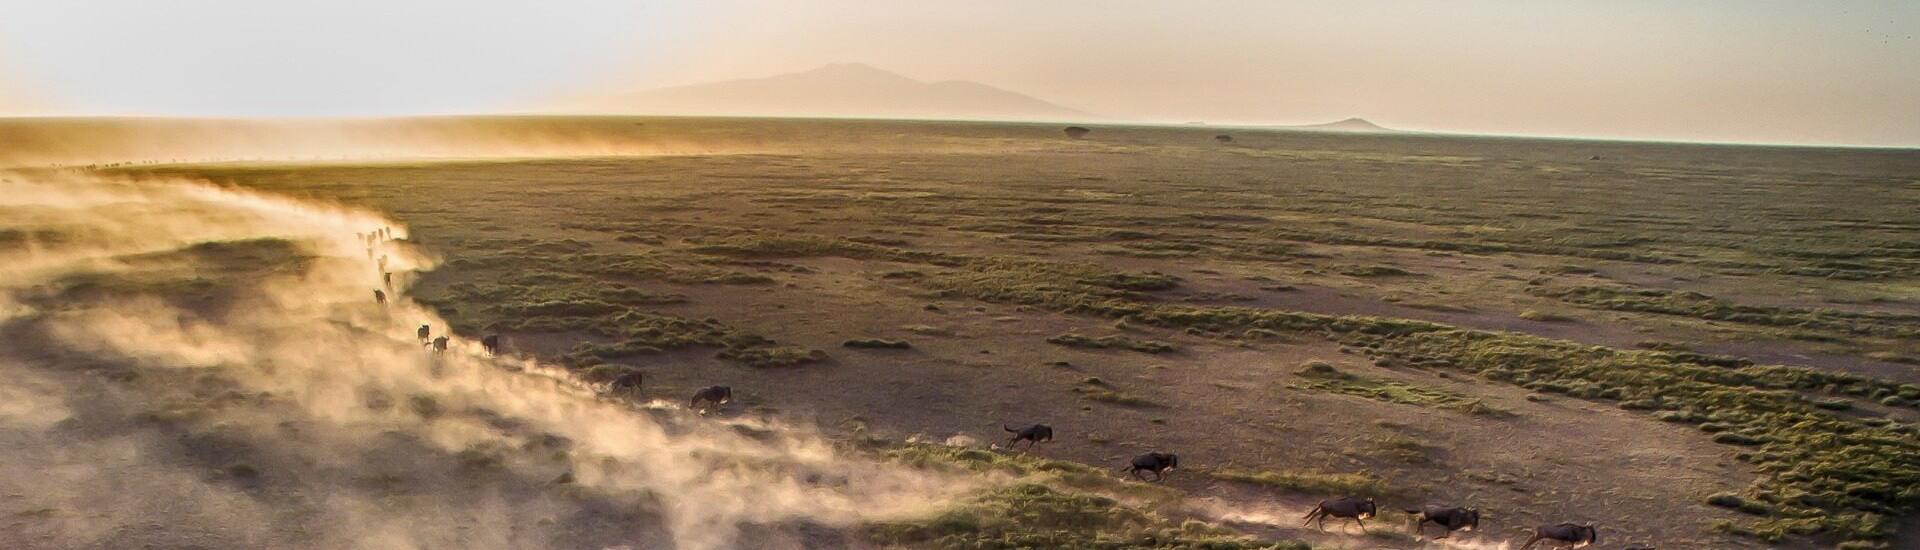 Nyika Discovery, Tanzania - Before you travel